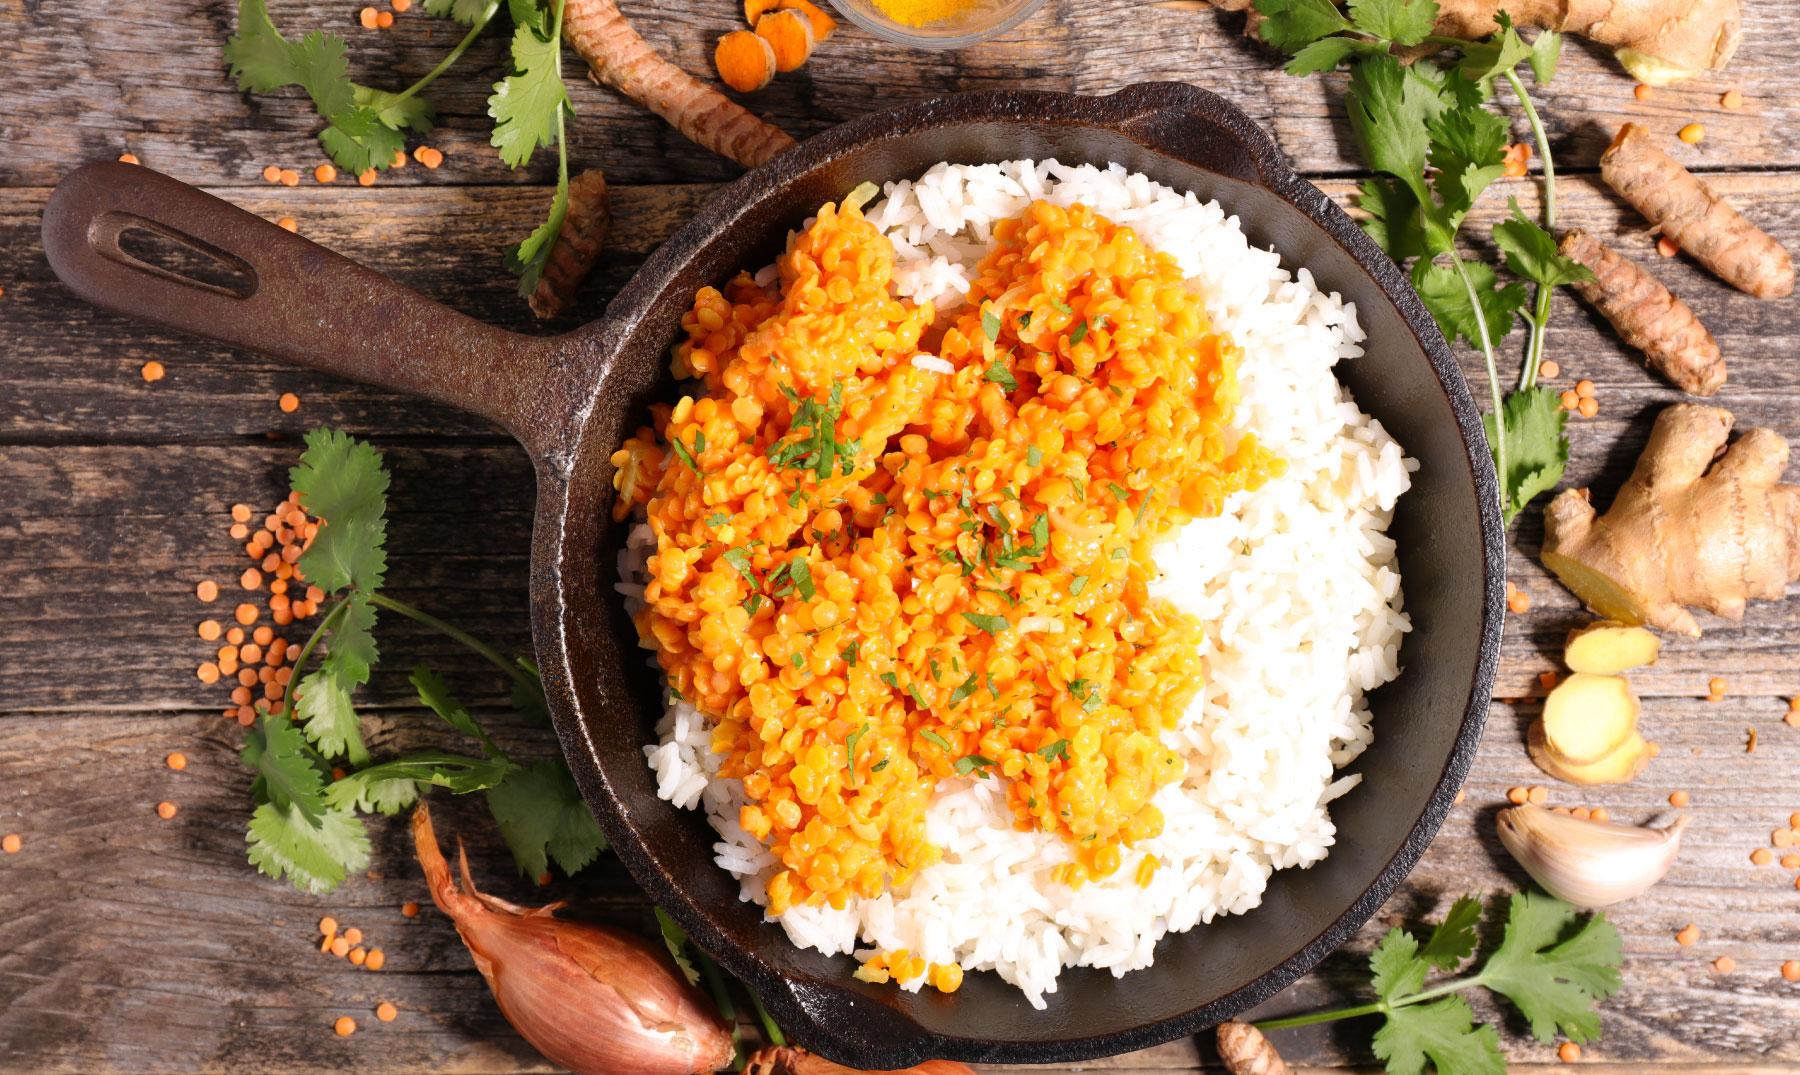 arroz fácil y rápido